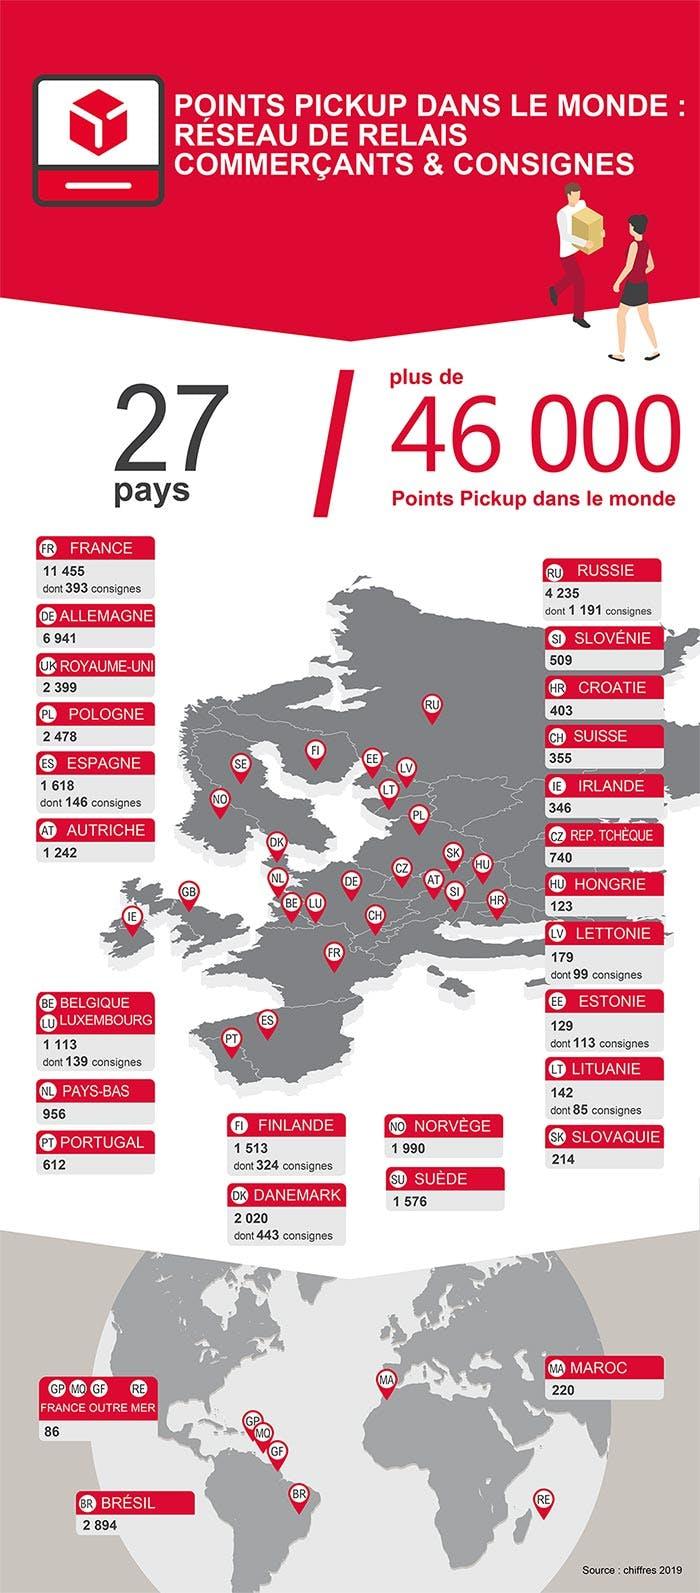 Infographie affichant la répartition des points relais et consignes Pickup dans le monde